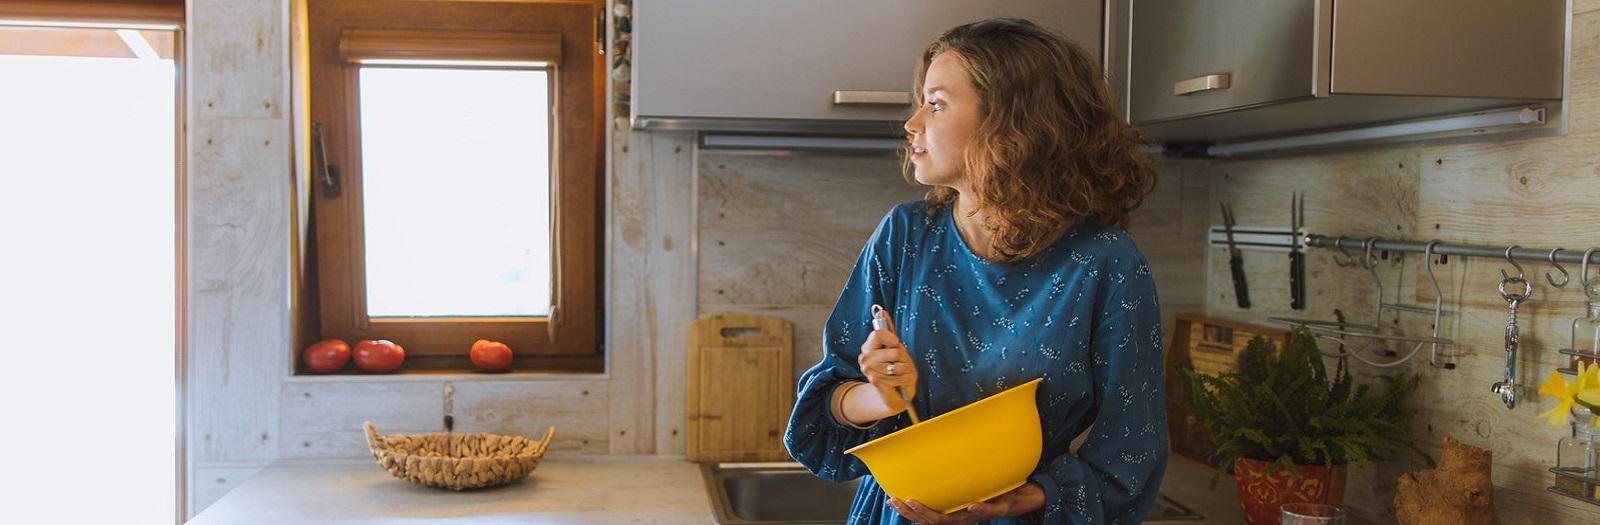 Niet weggooien, maar herwaarderen – Deel 2, de keuken en badkamer